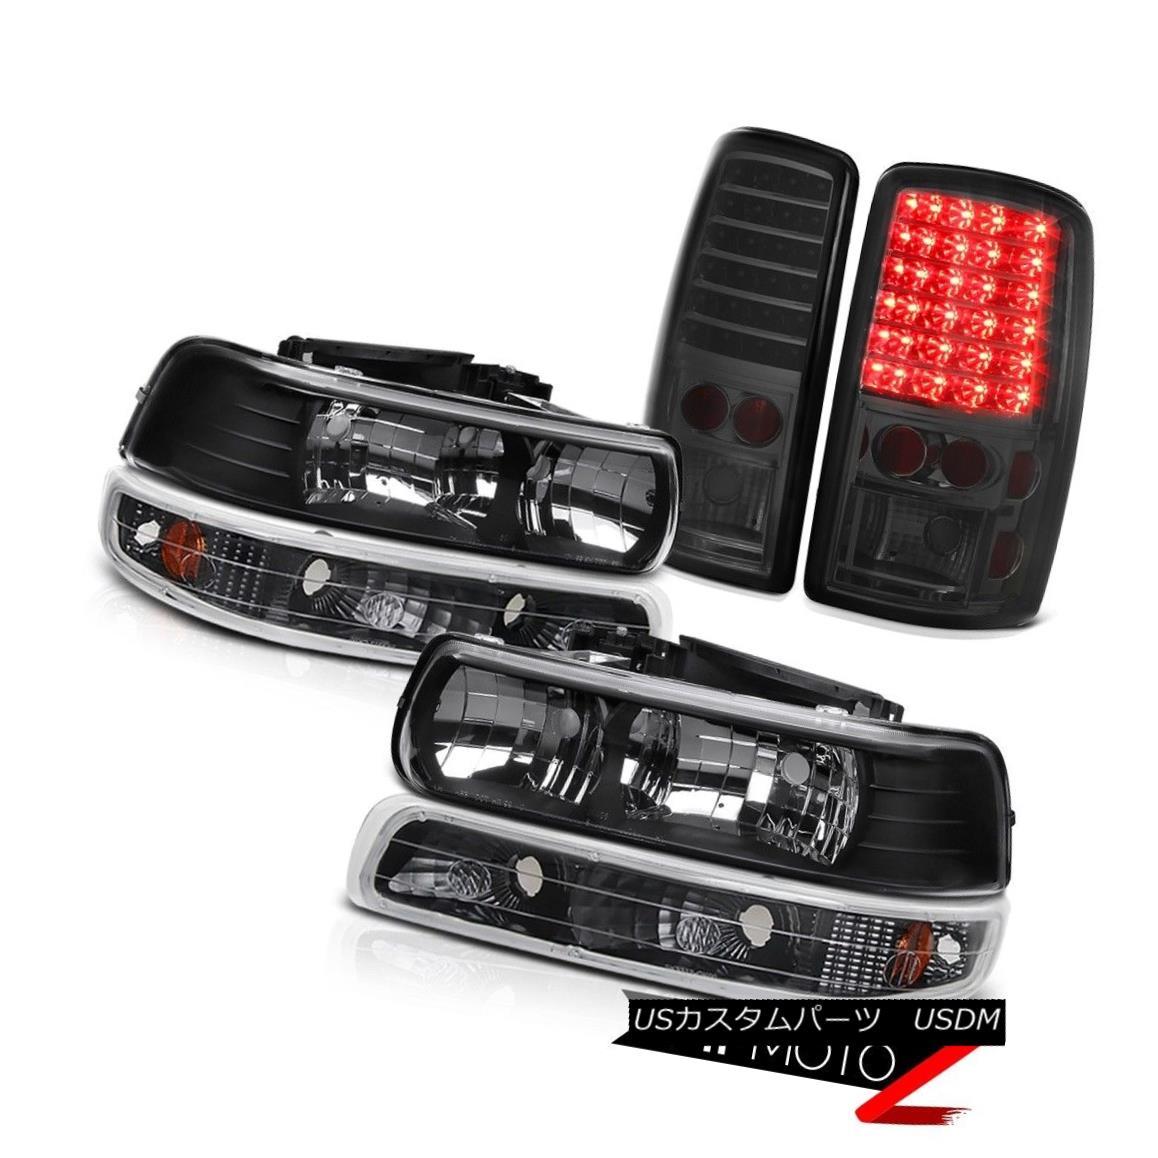 ヘッドライト 01-06 Chevy Tahoe Z71 Pair Black Headlights Bumper Signal Smoke LED Tail Lights 01-06 Chevy Tahoe Z71ペアブラックヘッドライトバンパーシグナルスモークLEDテールライト